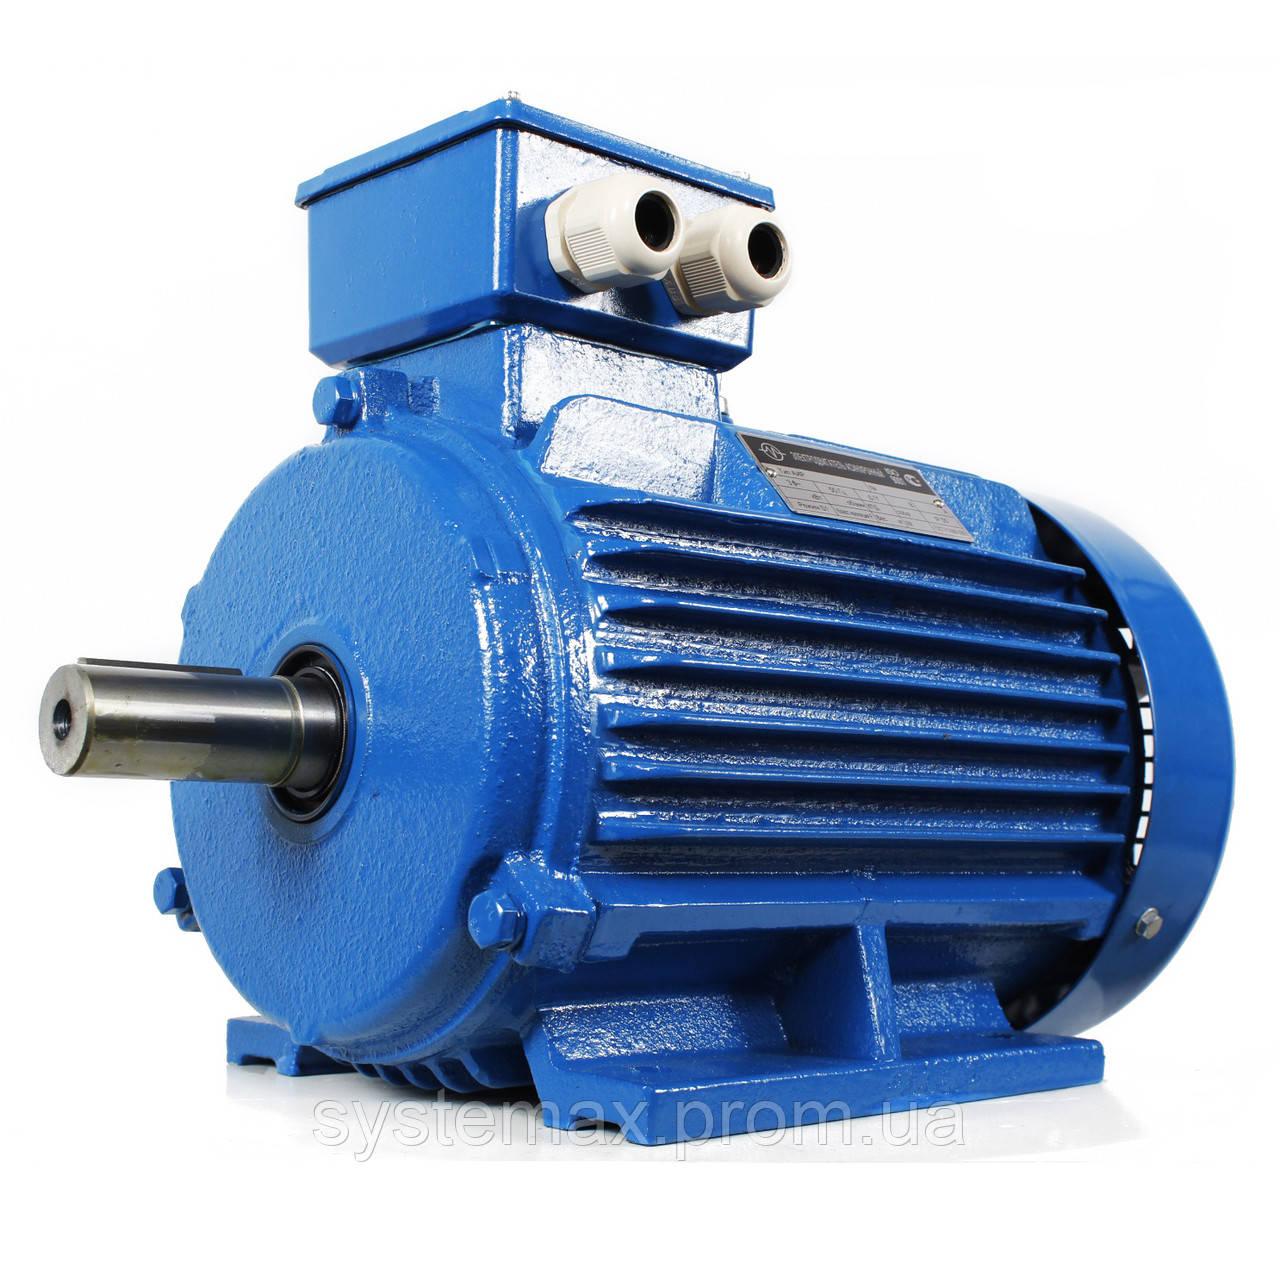 Электродвигатель АИР250М8 (АИР 250 М8) 45 кВт 750 об/мин